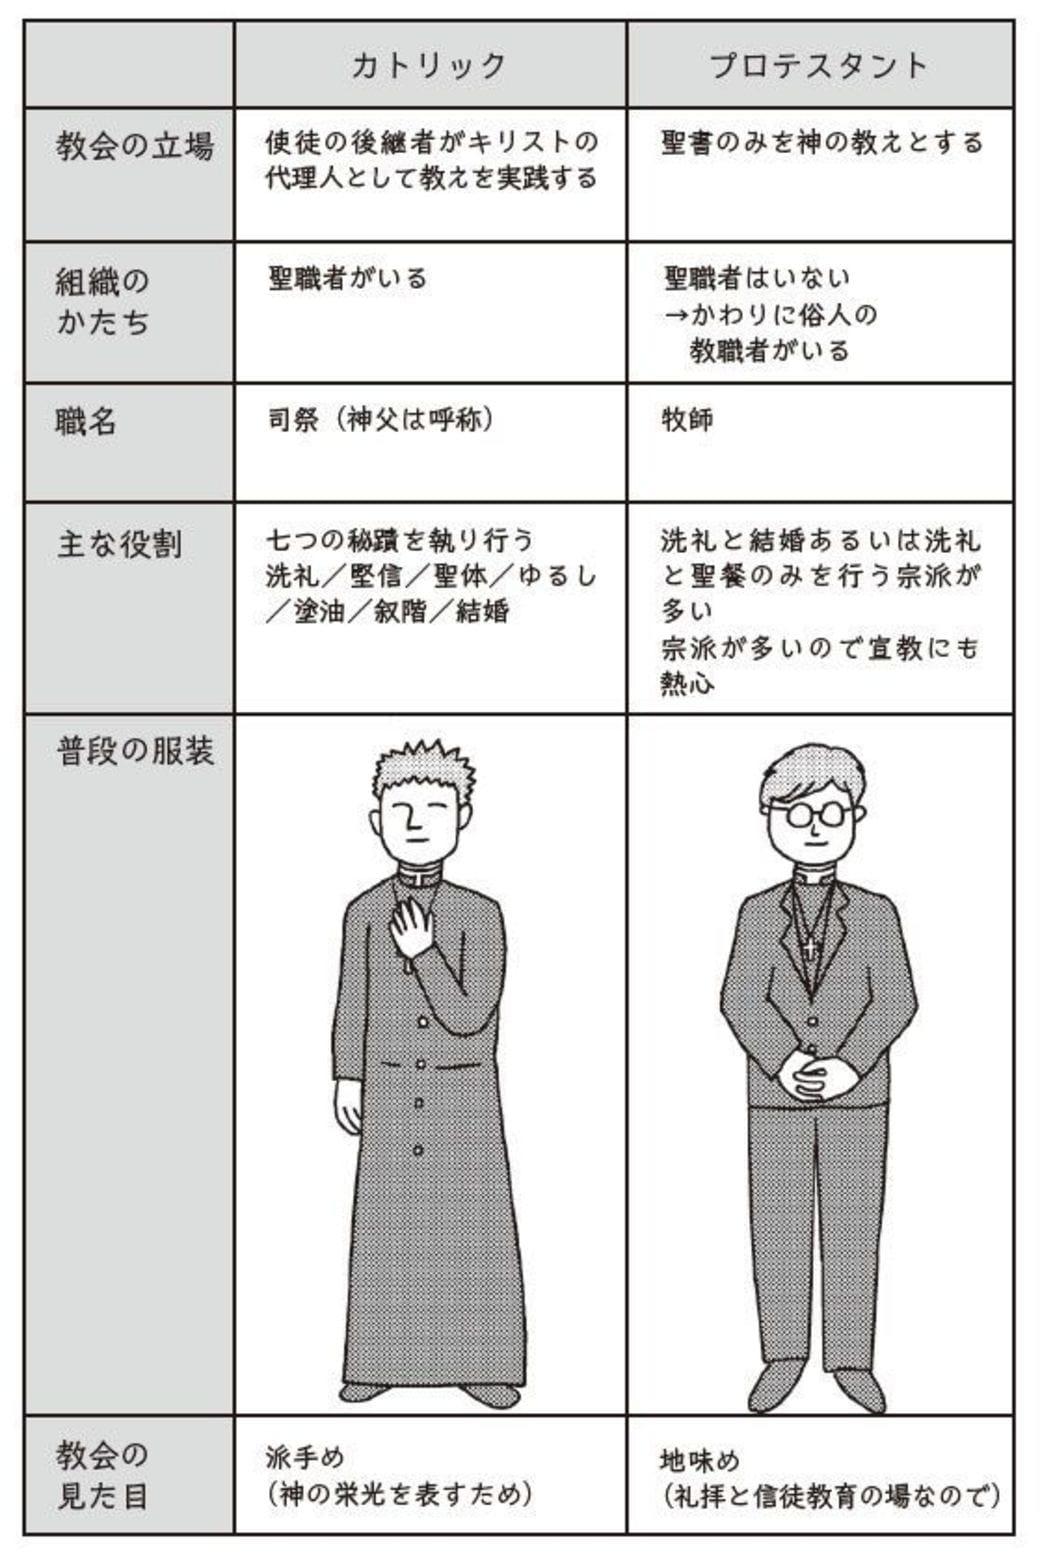 カトリック と プロテスタント